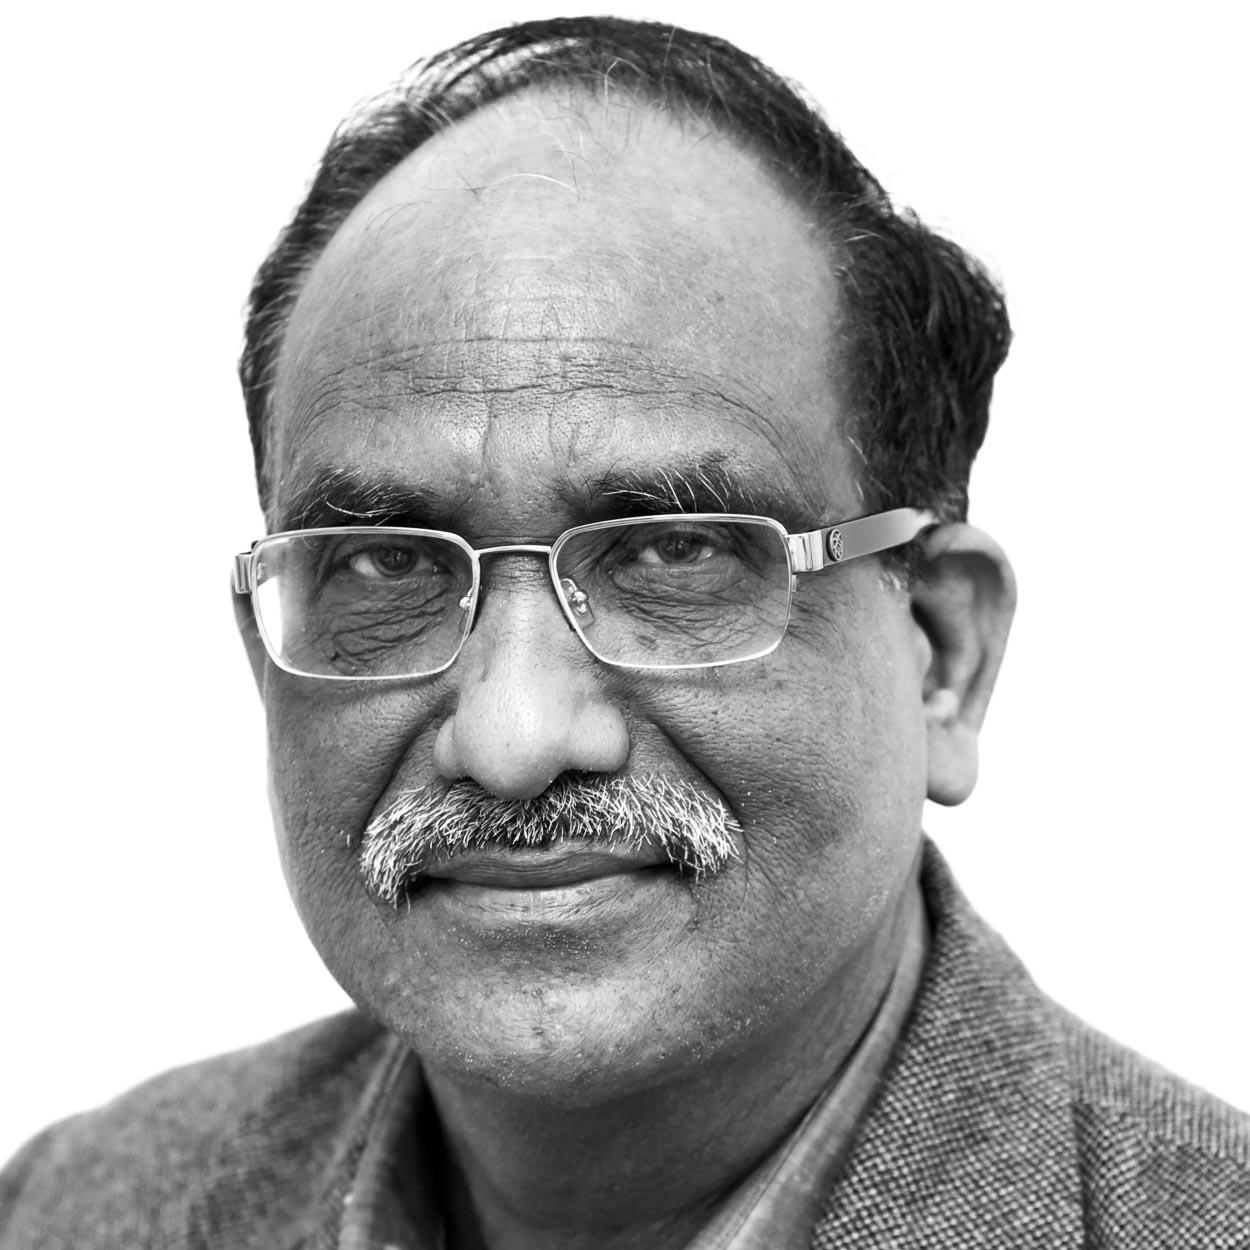 Virendra K. Vijay